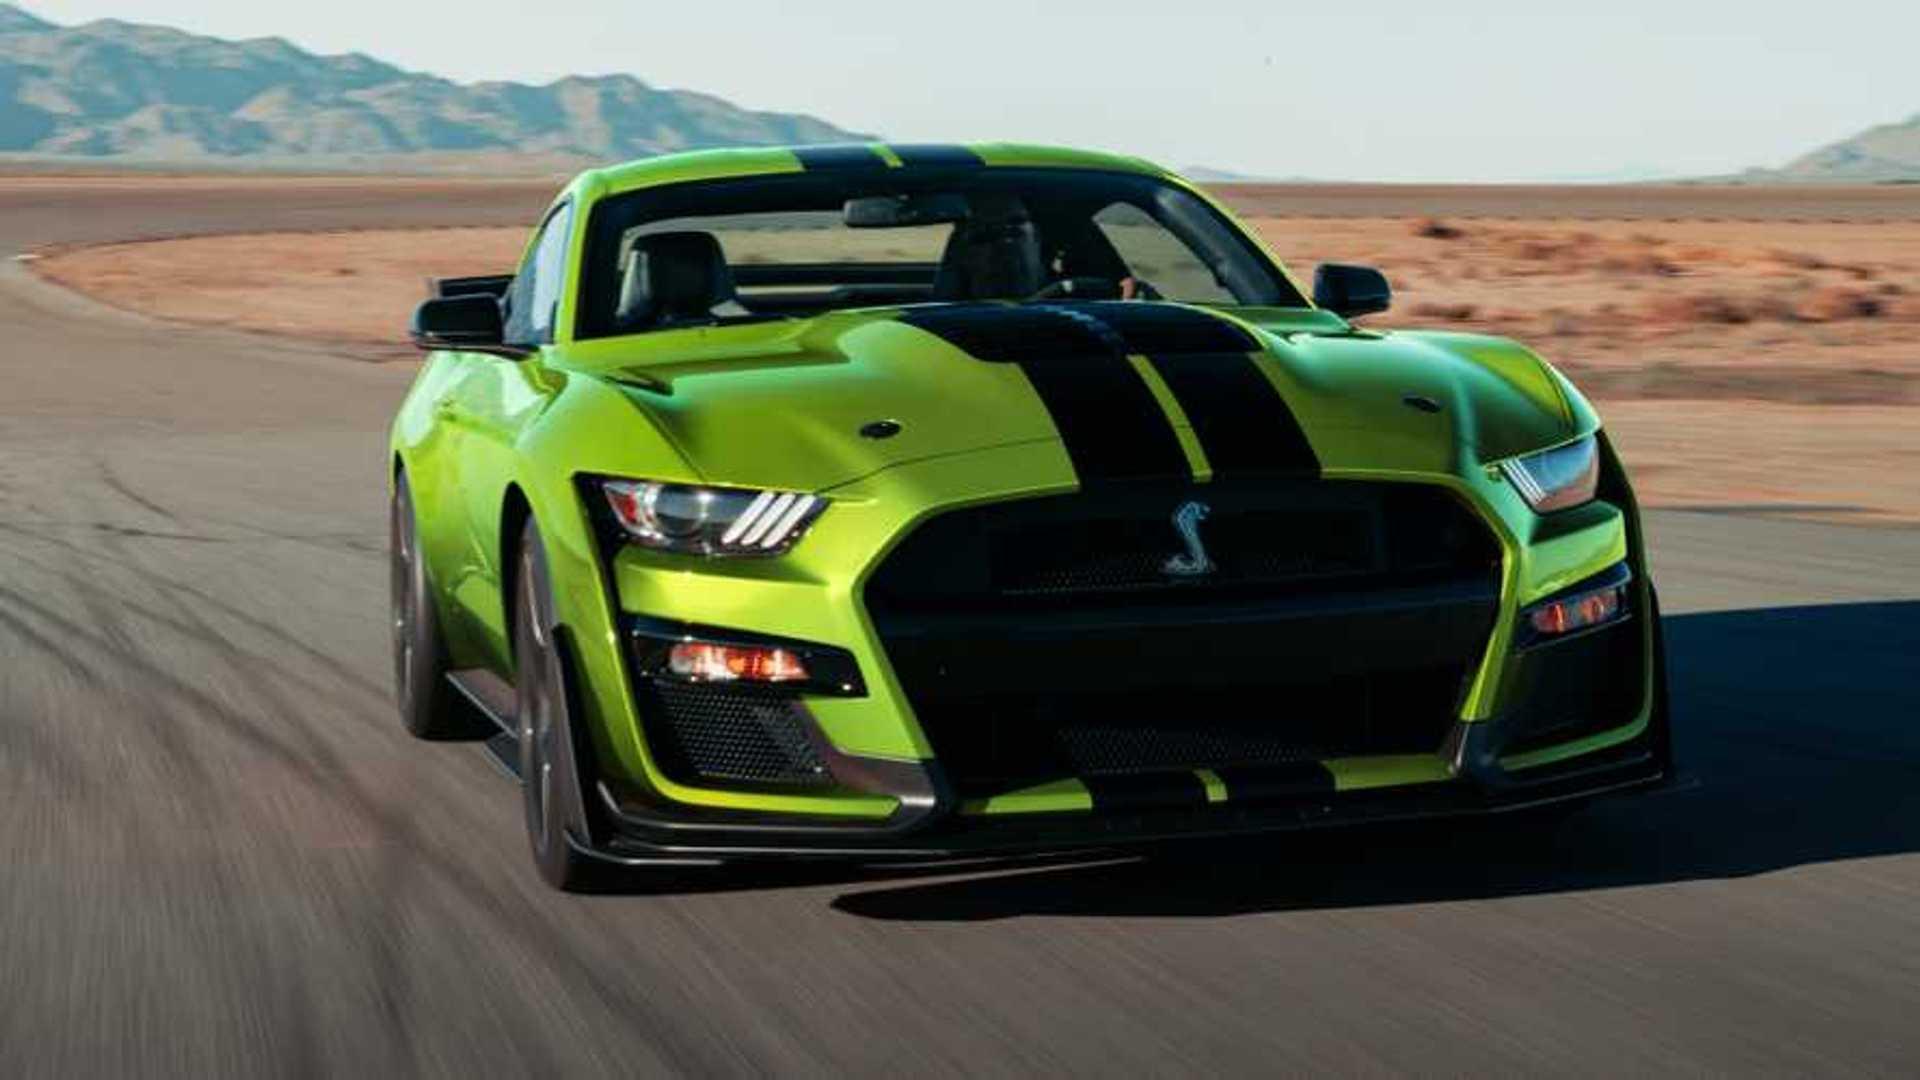 Ajouter des bandes à la Mustang Shelby GT500 coûte 10'000 dollars